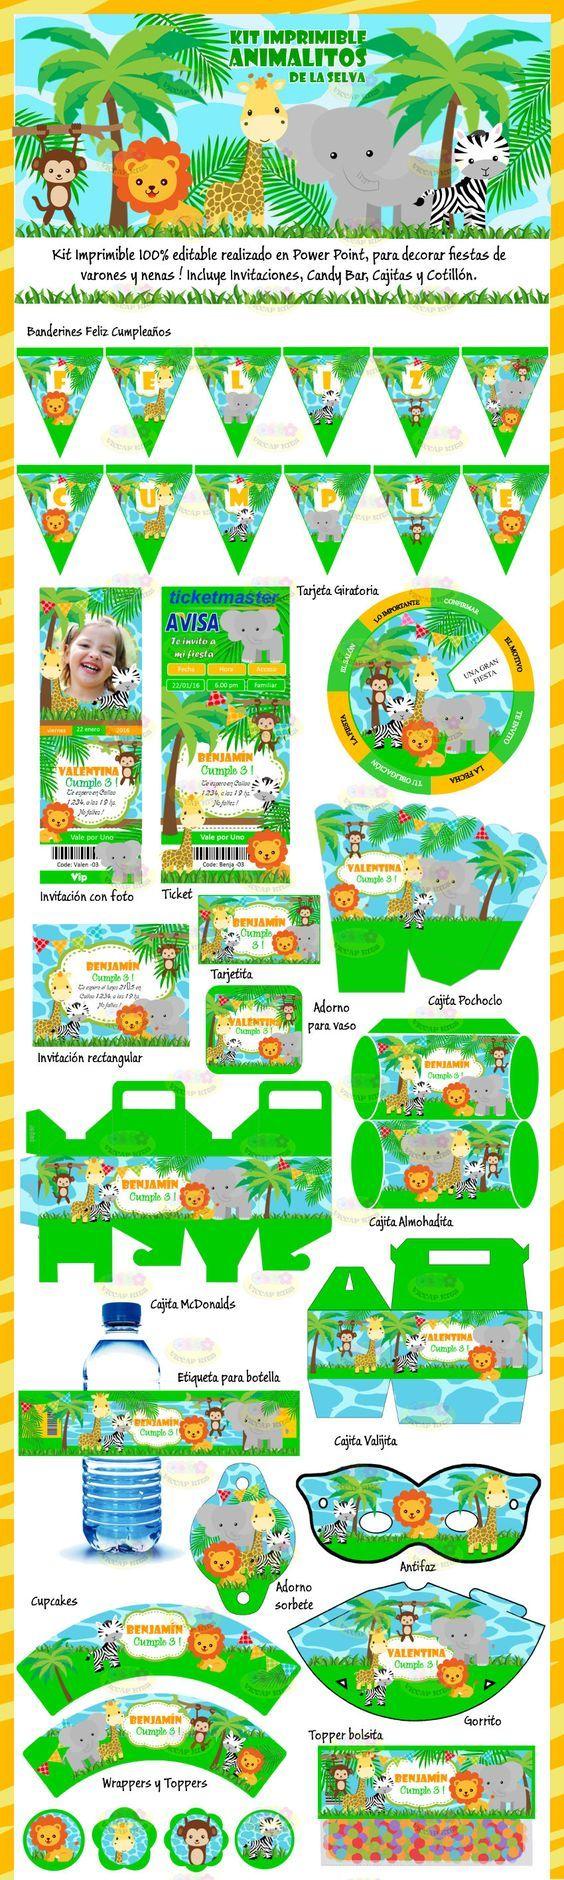 Kit Imprimible Animalitos de la Selva: Incluye invitaciones, Candy Car, Cajitas, Banderines y muchas cosas mas! Se envía por email y es editable con Power Point. Hacé clic en visitar para verlo completo !